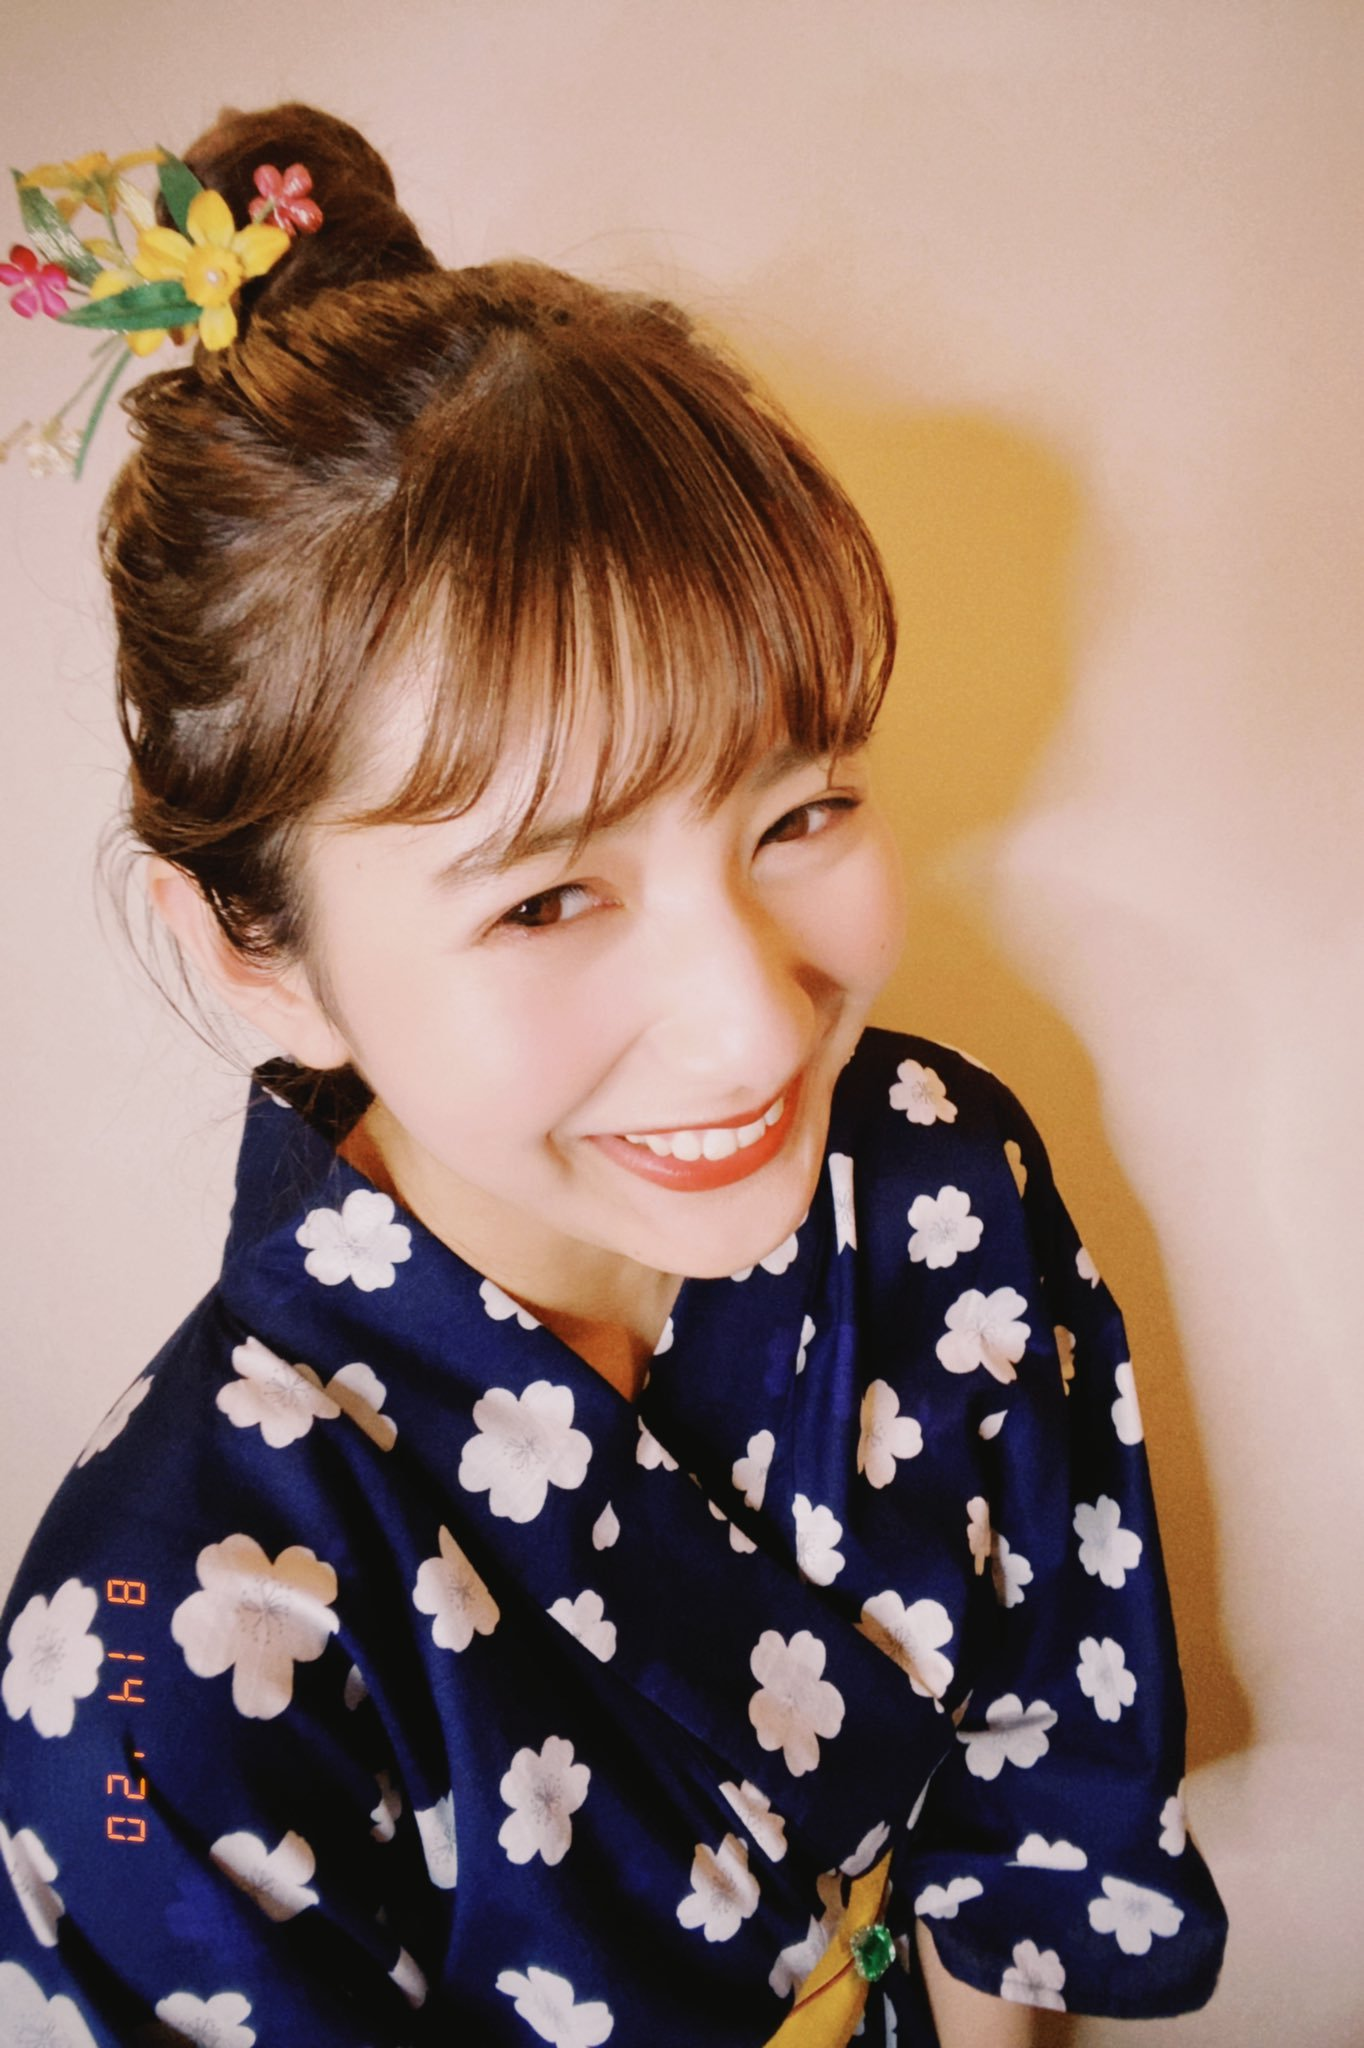 [日本]2020年杂志选美冠军新井遥超嫩脸蛋迷倒众人 养眼图片 第5张